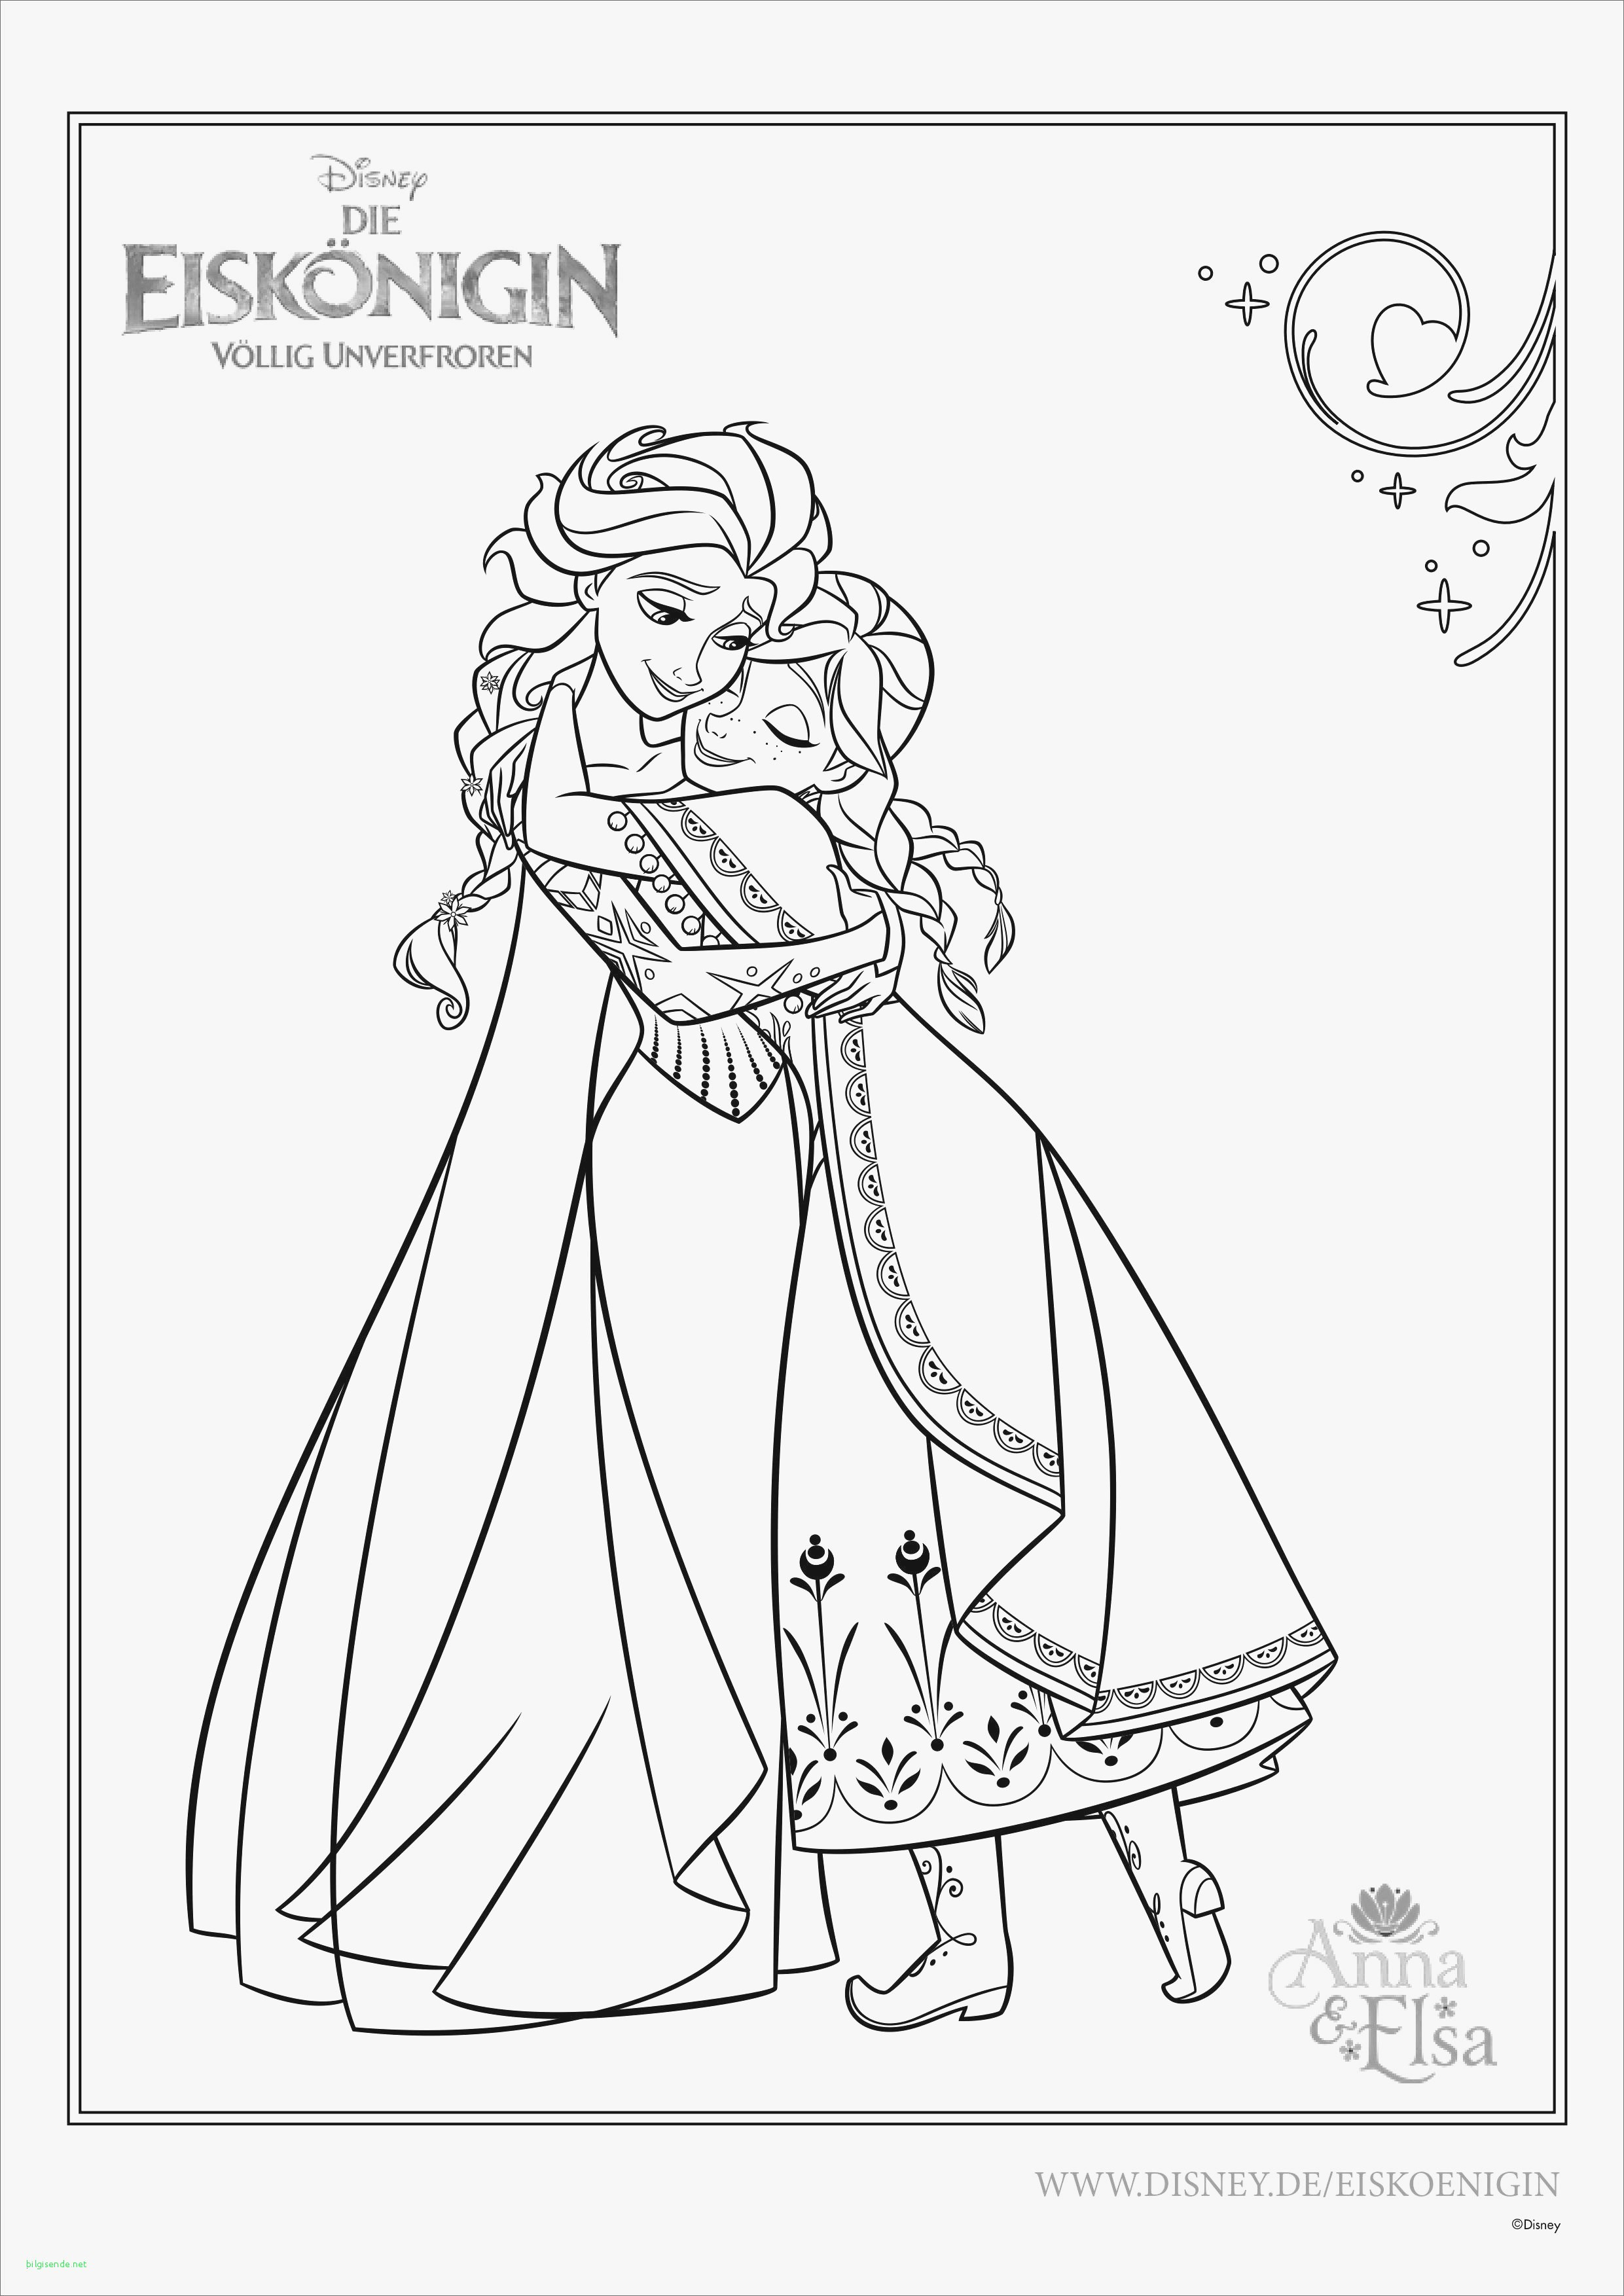 Bilder Zum Ausmalen Elsa Genial Elsa Picture Frozen Inspirational Eine Sammlung Von Färbung Bilder Bilder